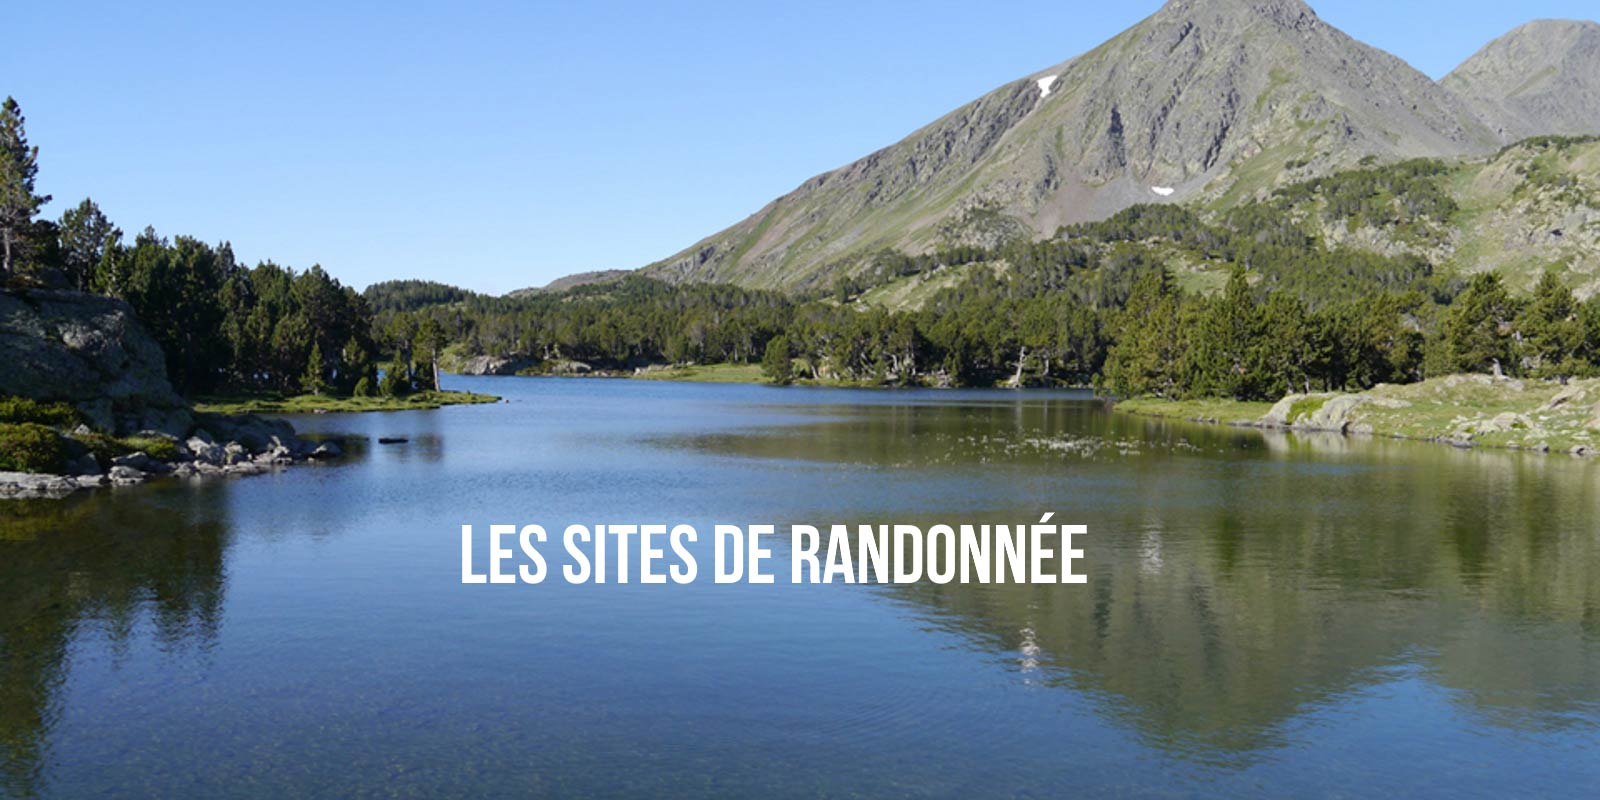 (Français) Les sites de randonnées